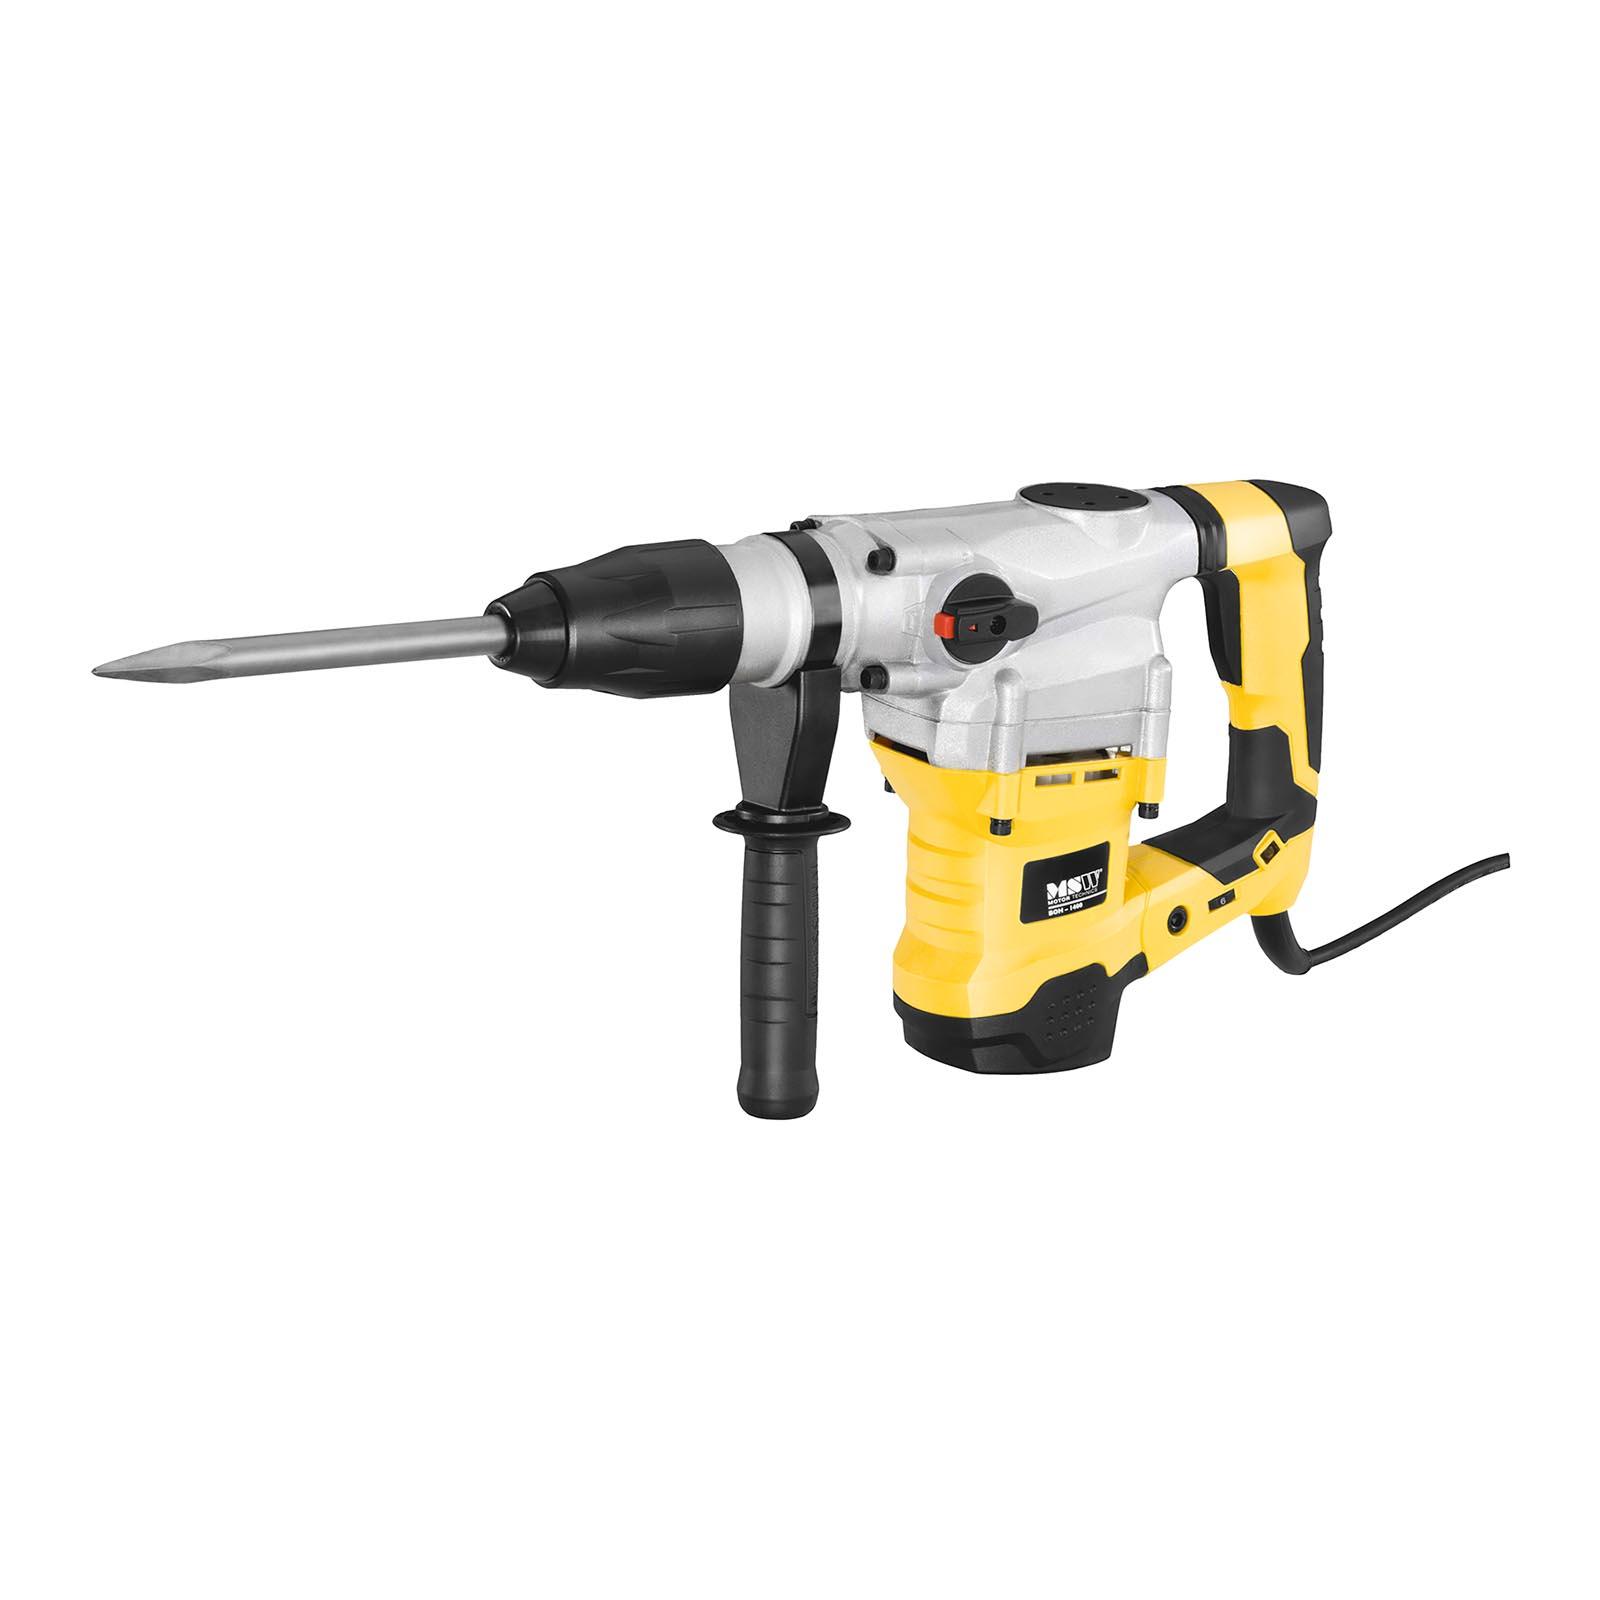 bohrhammer 3 in 1 mei elhammer schlaghammer hammerbohrer 9 j inkl zubeh r ebay. Black Bedroom Furniture Sets. Home Design Ideas